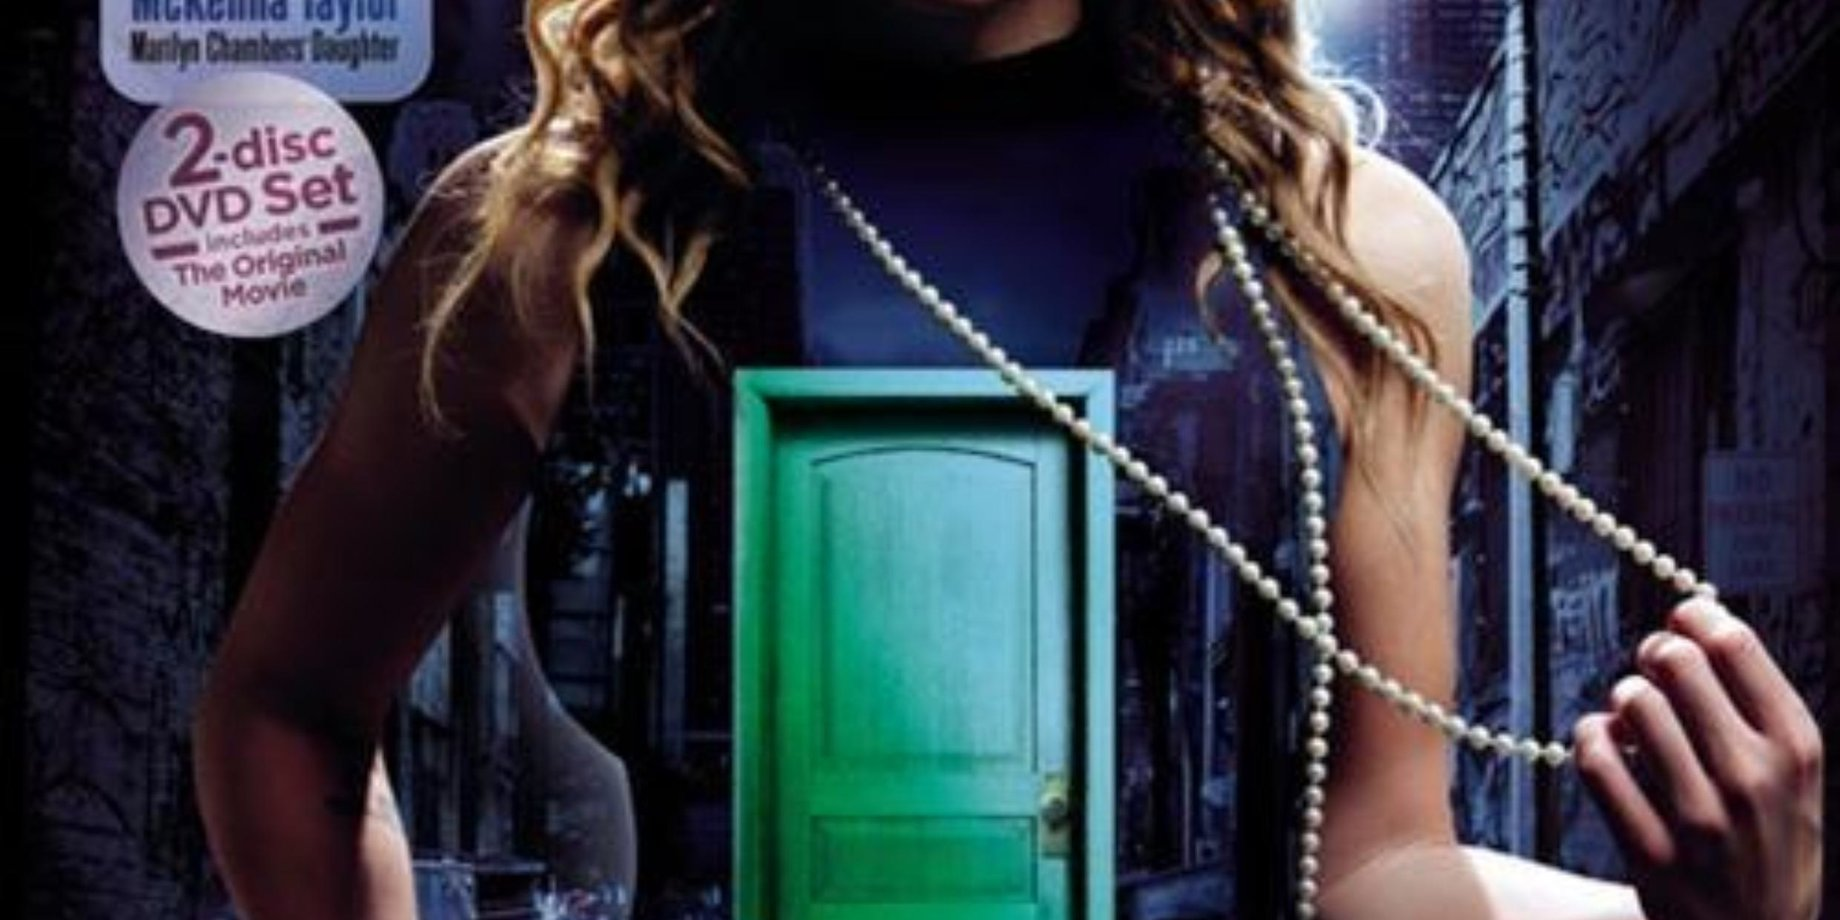 Ужас за зелёной дверью аркадий пилат  стихиру